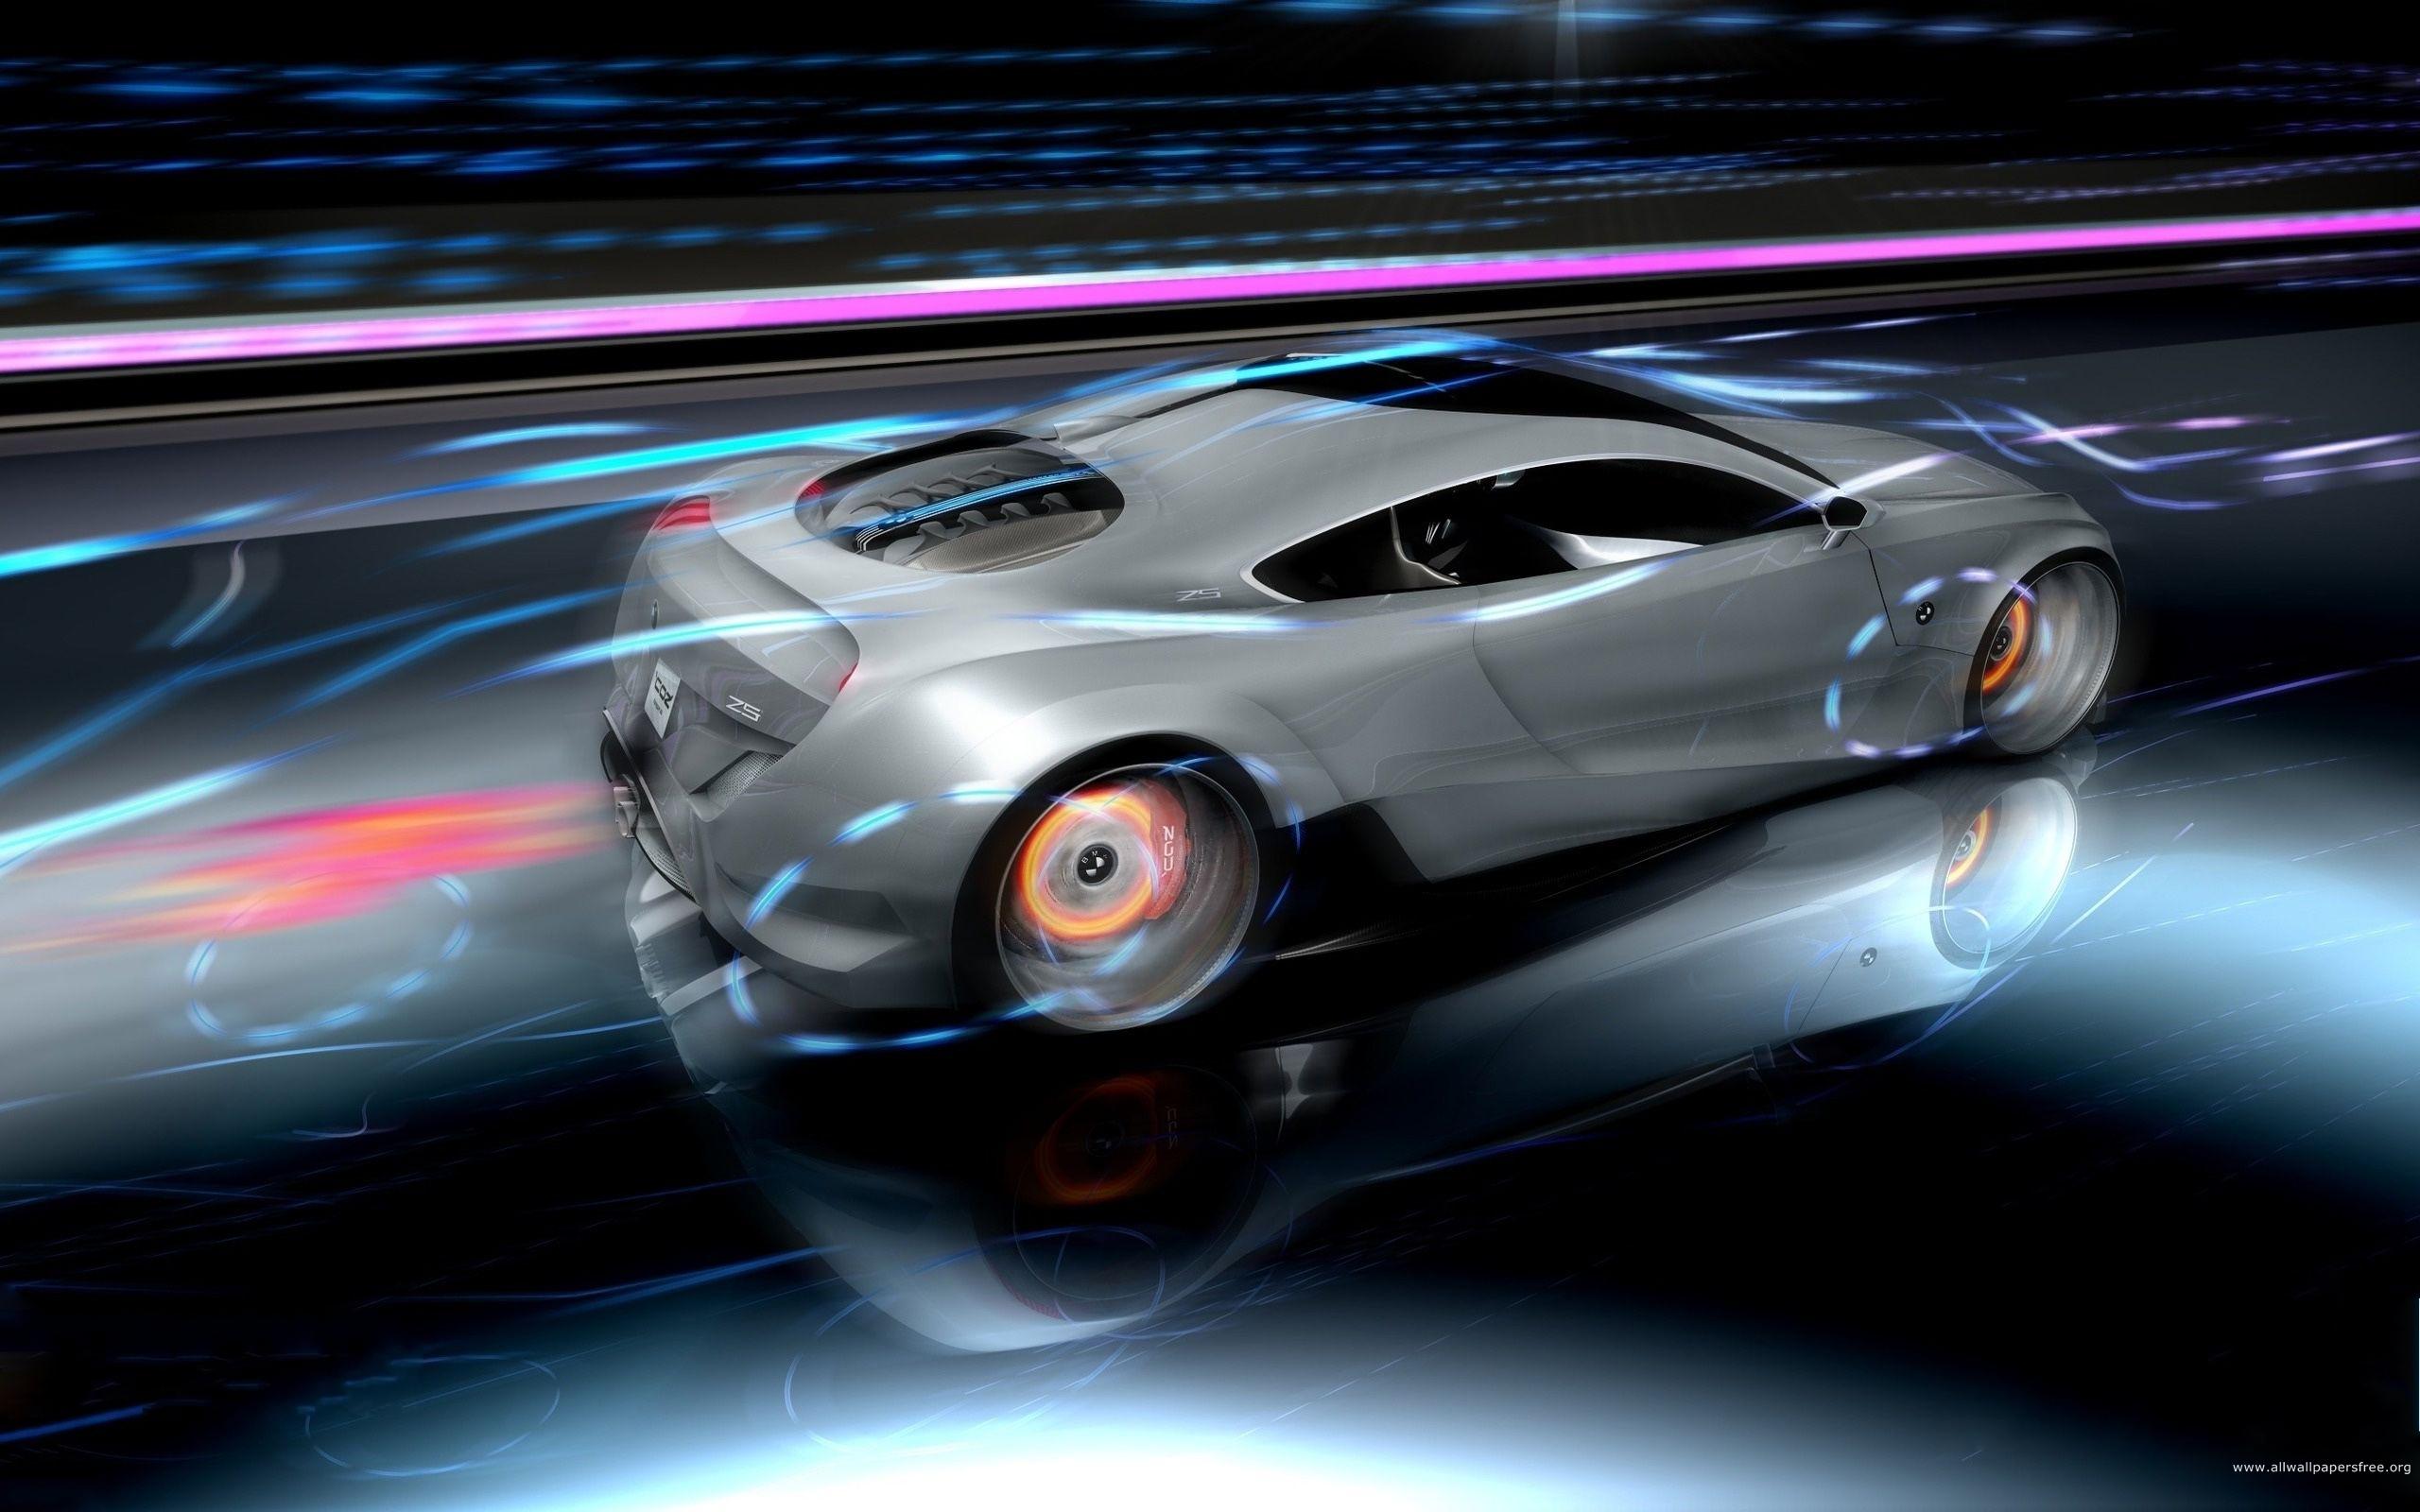 Hình nền : nghệ thuật số, xe hơi, Tác phẩm nghệ thuật, xe thể thao, Xe bạc, Xe hiệu suất, Siêu xe, Ảnh chụp màn hình, Xe đất, Thiết kế ô tô, ...